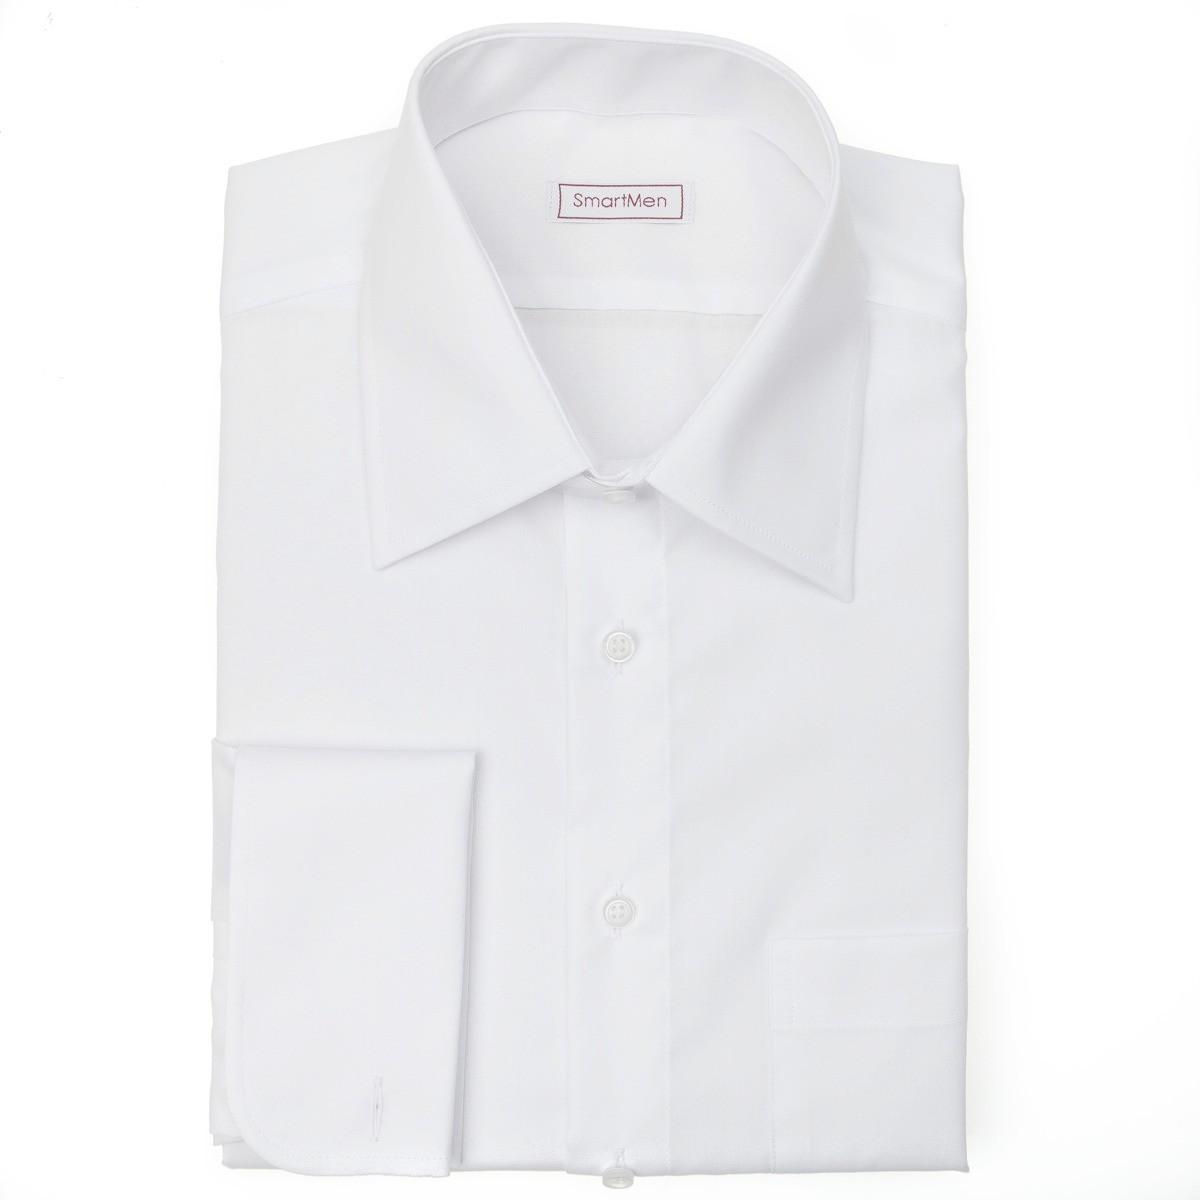 36883f724186 Biela košeľa s manžetovými gombíkmi Non Iron SmartMen